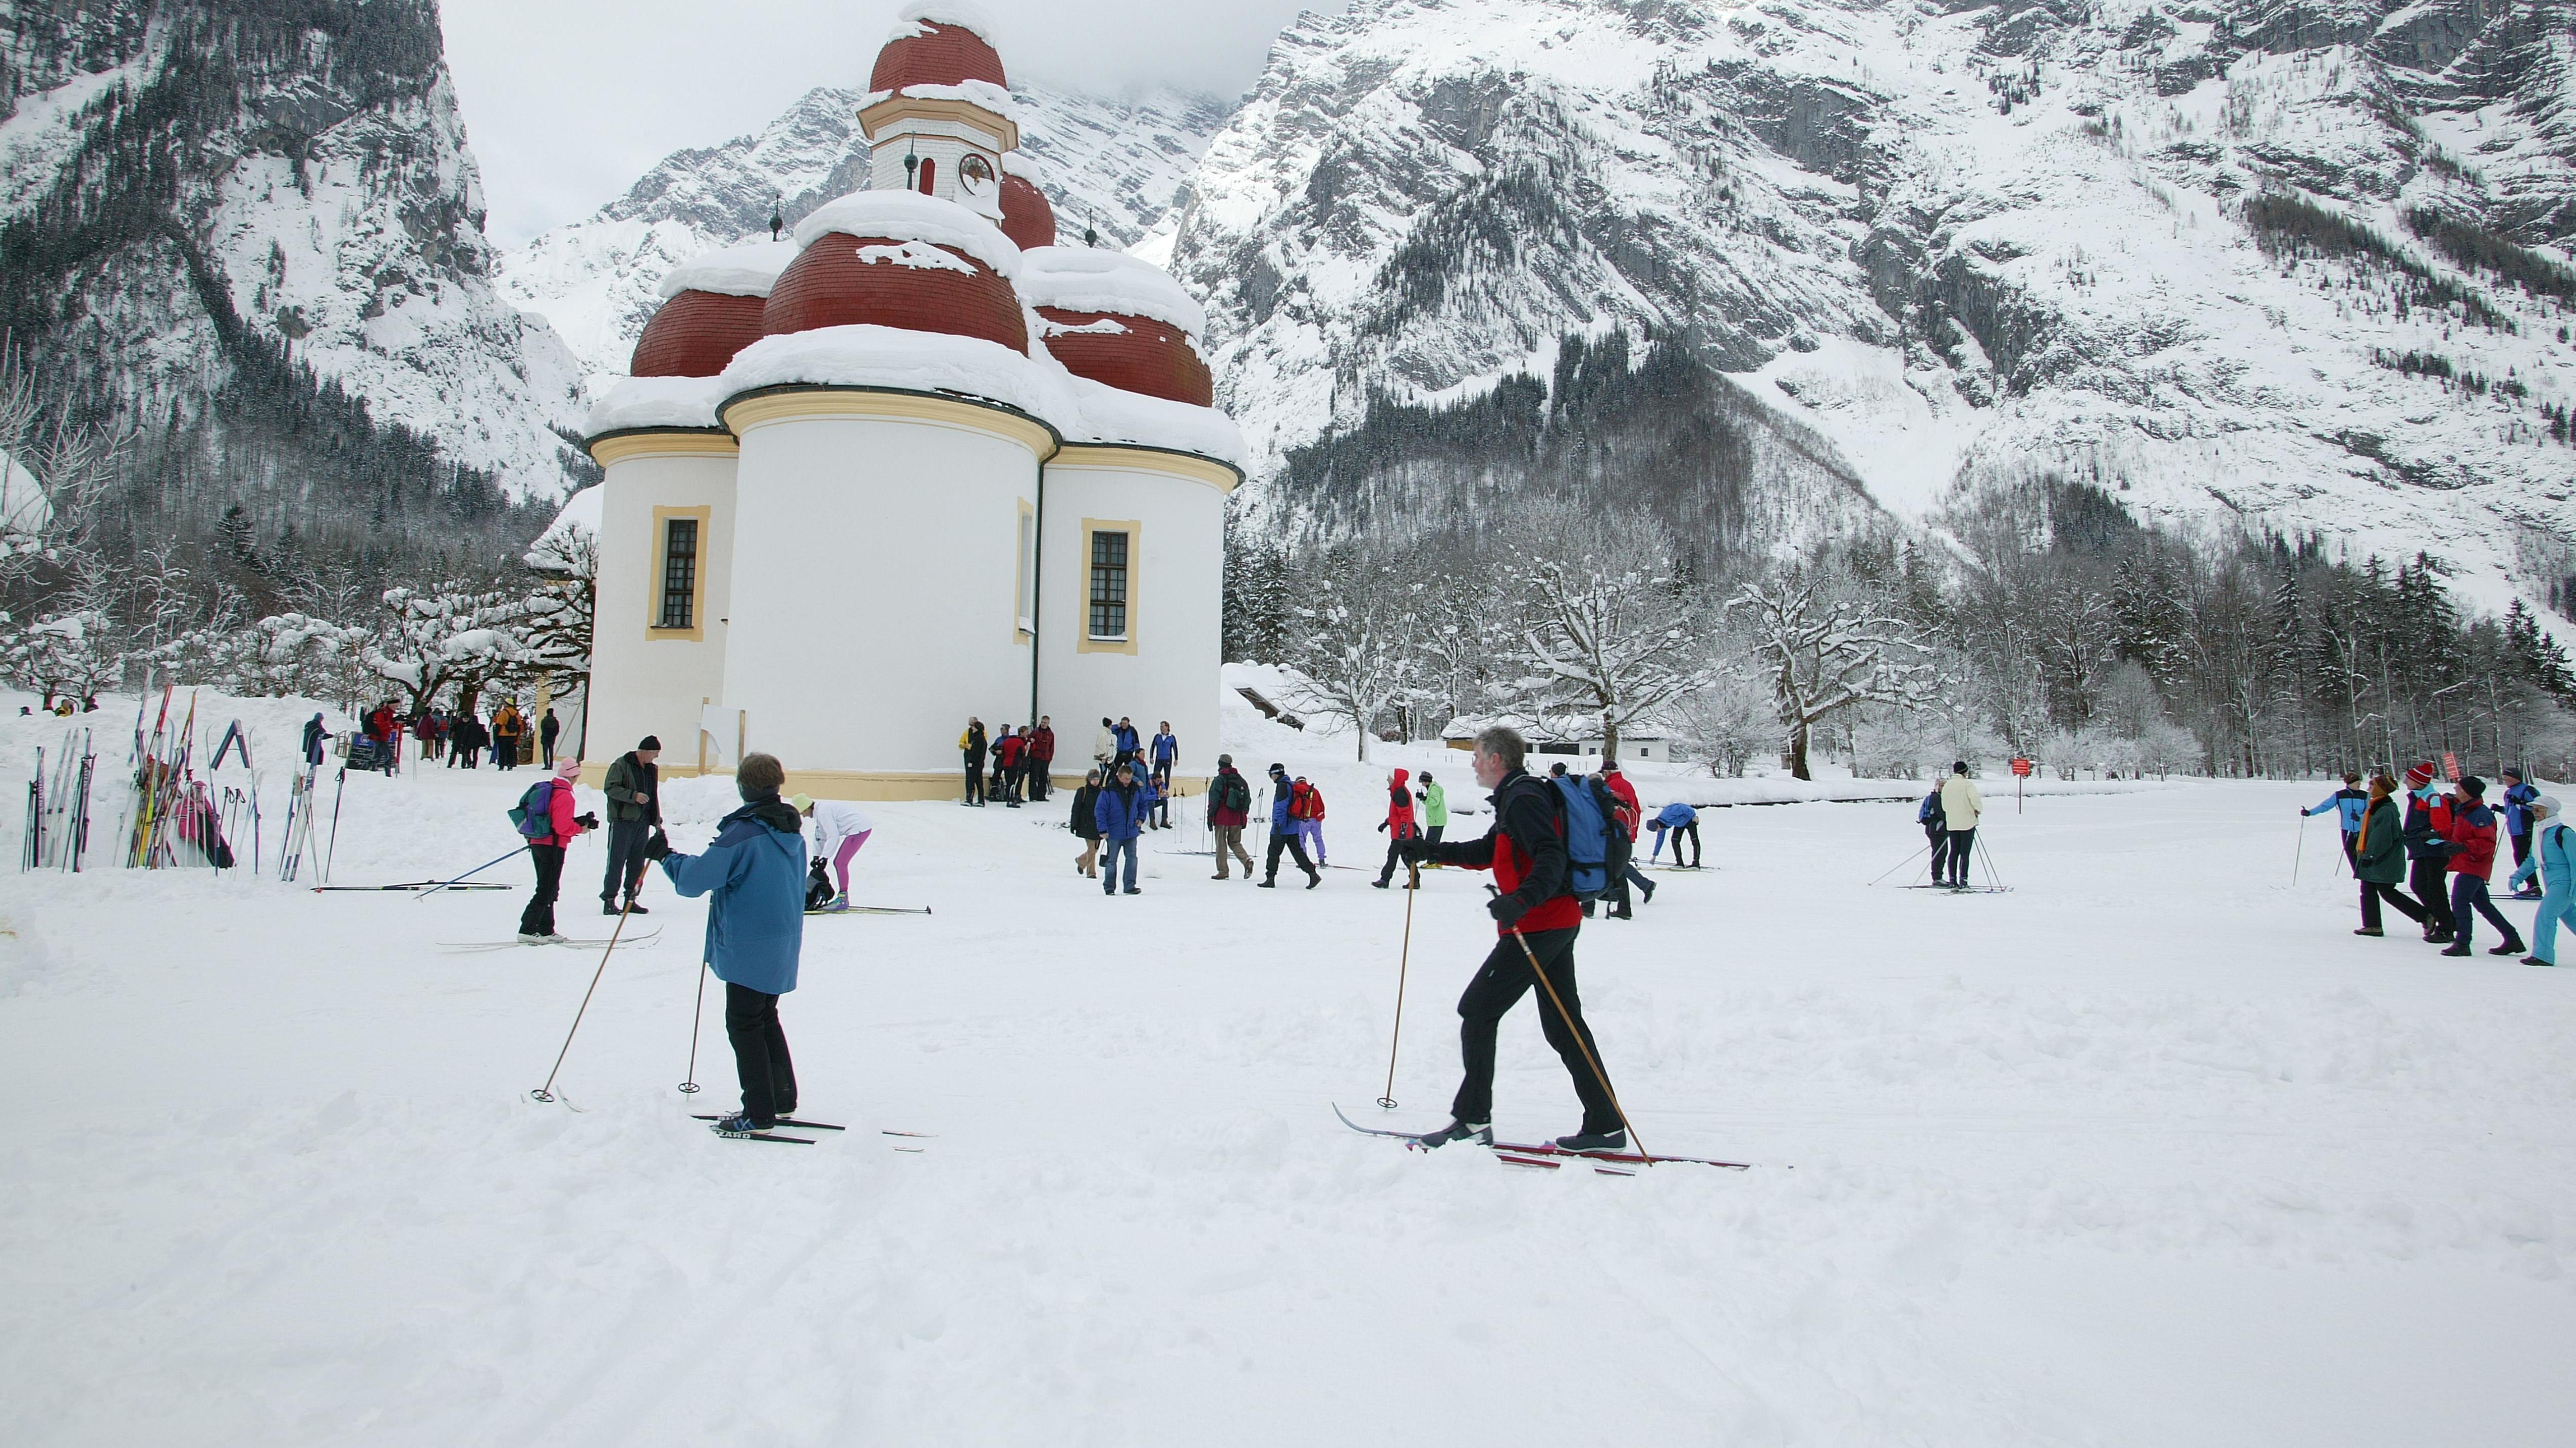 Skilangläufer bei St. Bartholomä am zugefrorenen Königssee